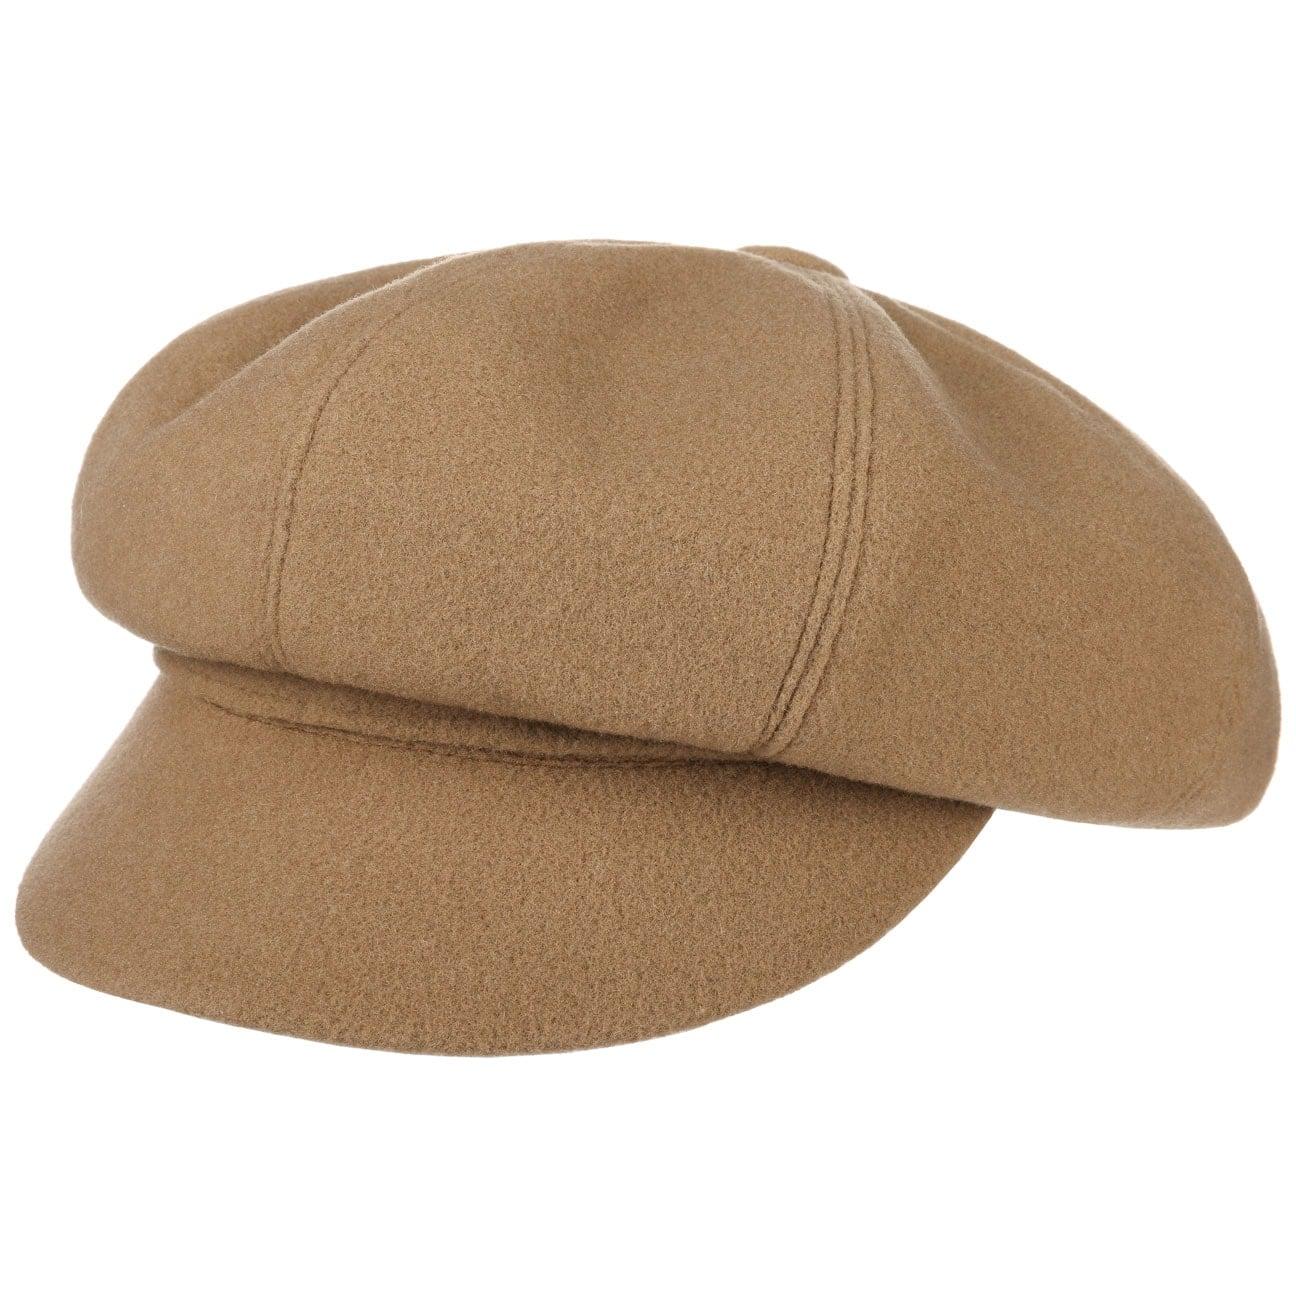 casquette gavroche wooly by lierys eur 49 95 chapeaux casquettes et bonnets en ligne. Black Bedroom Furniture Sets. Home Design Ideas